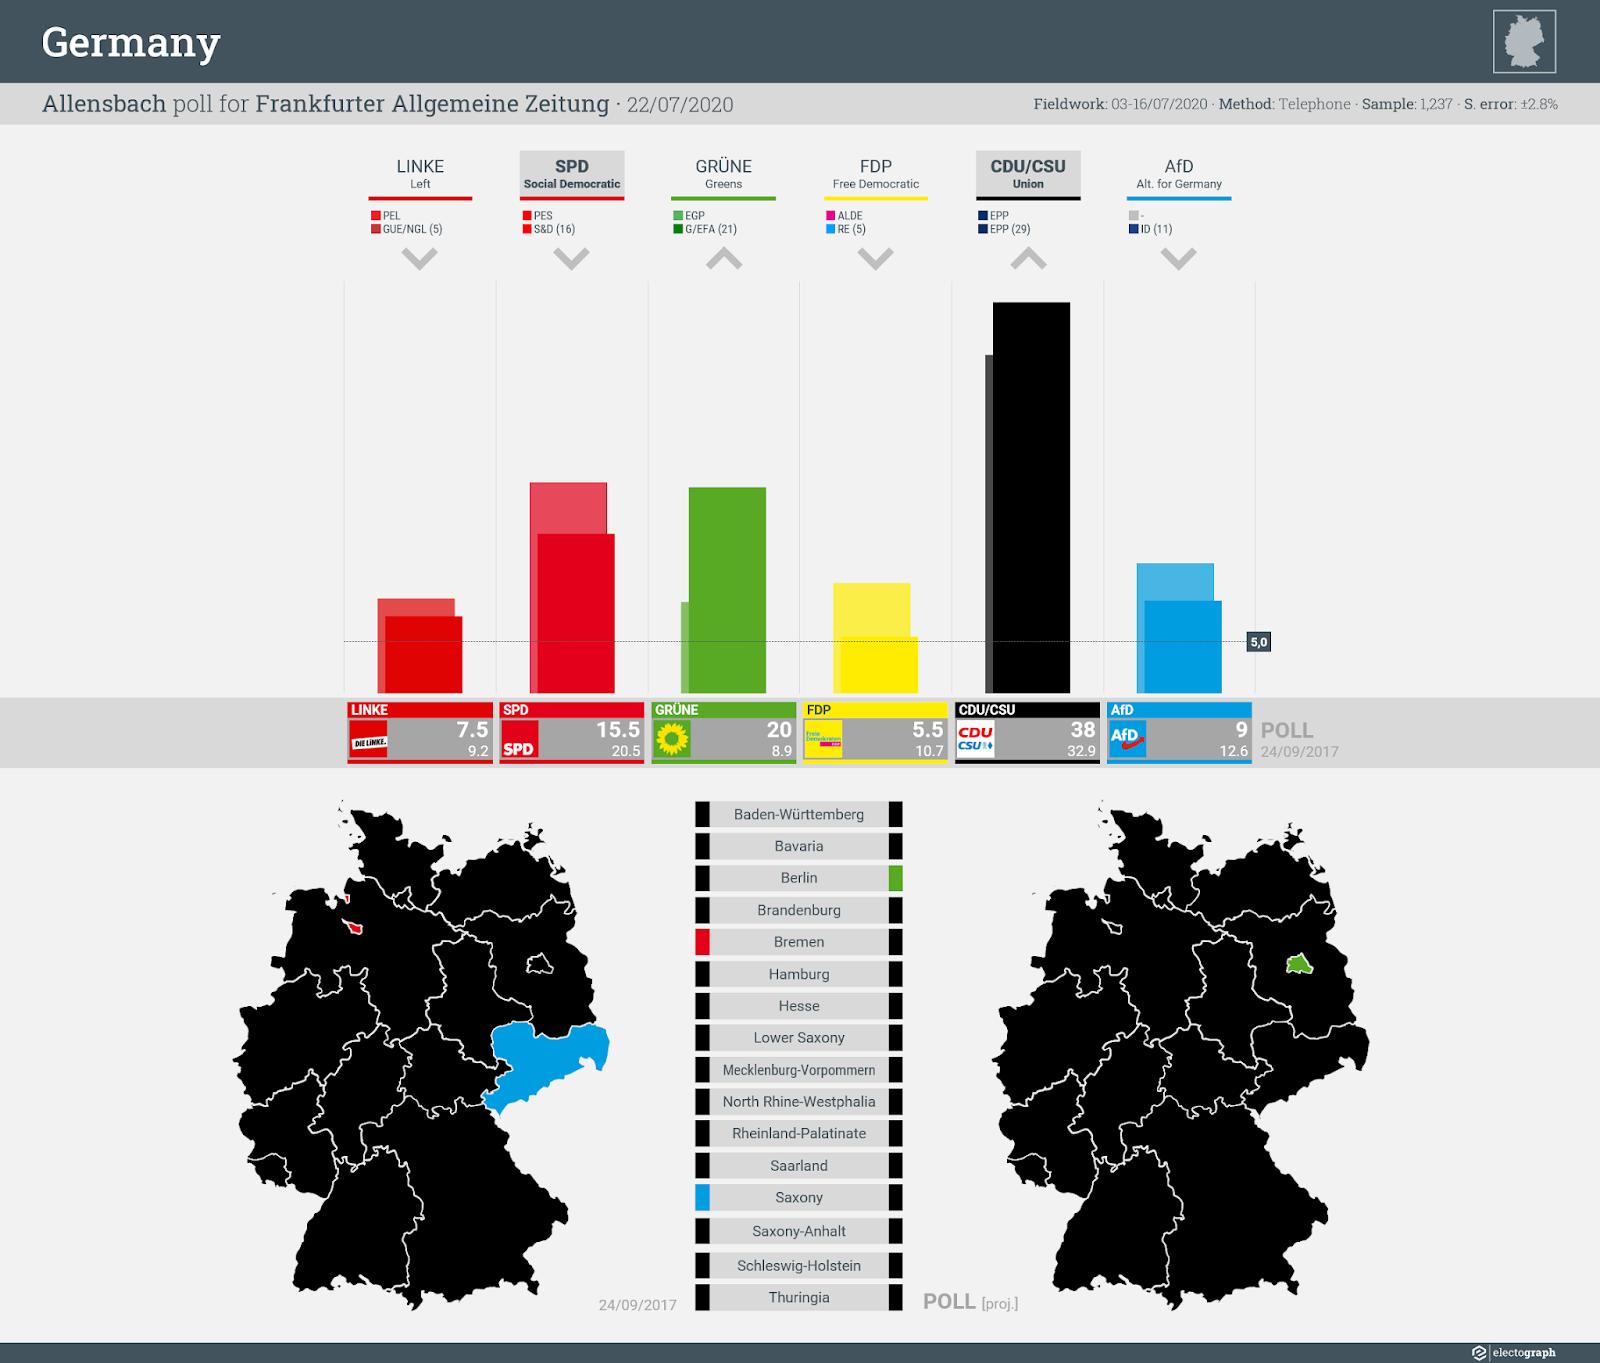 GERMANY: Allensbach poll chart for Frankfurter Allgemeine Zeitung, 22 July 2020